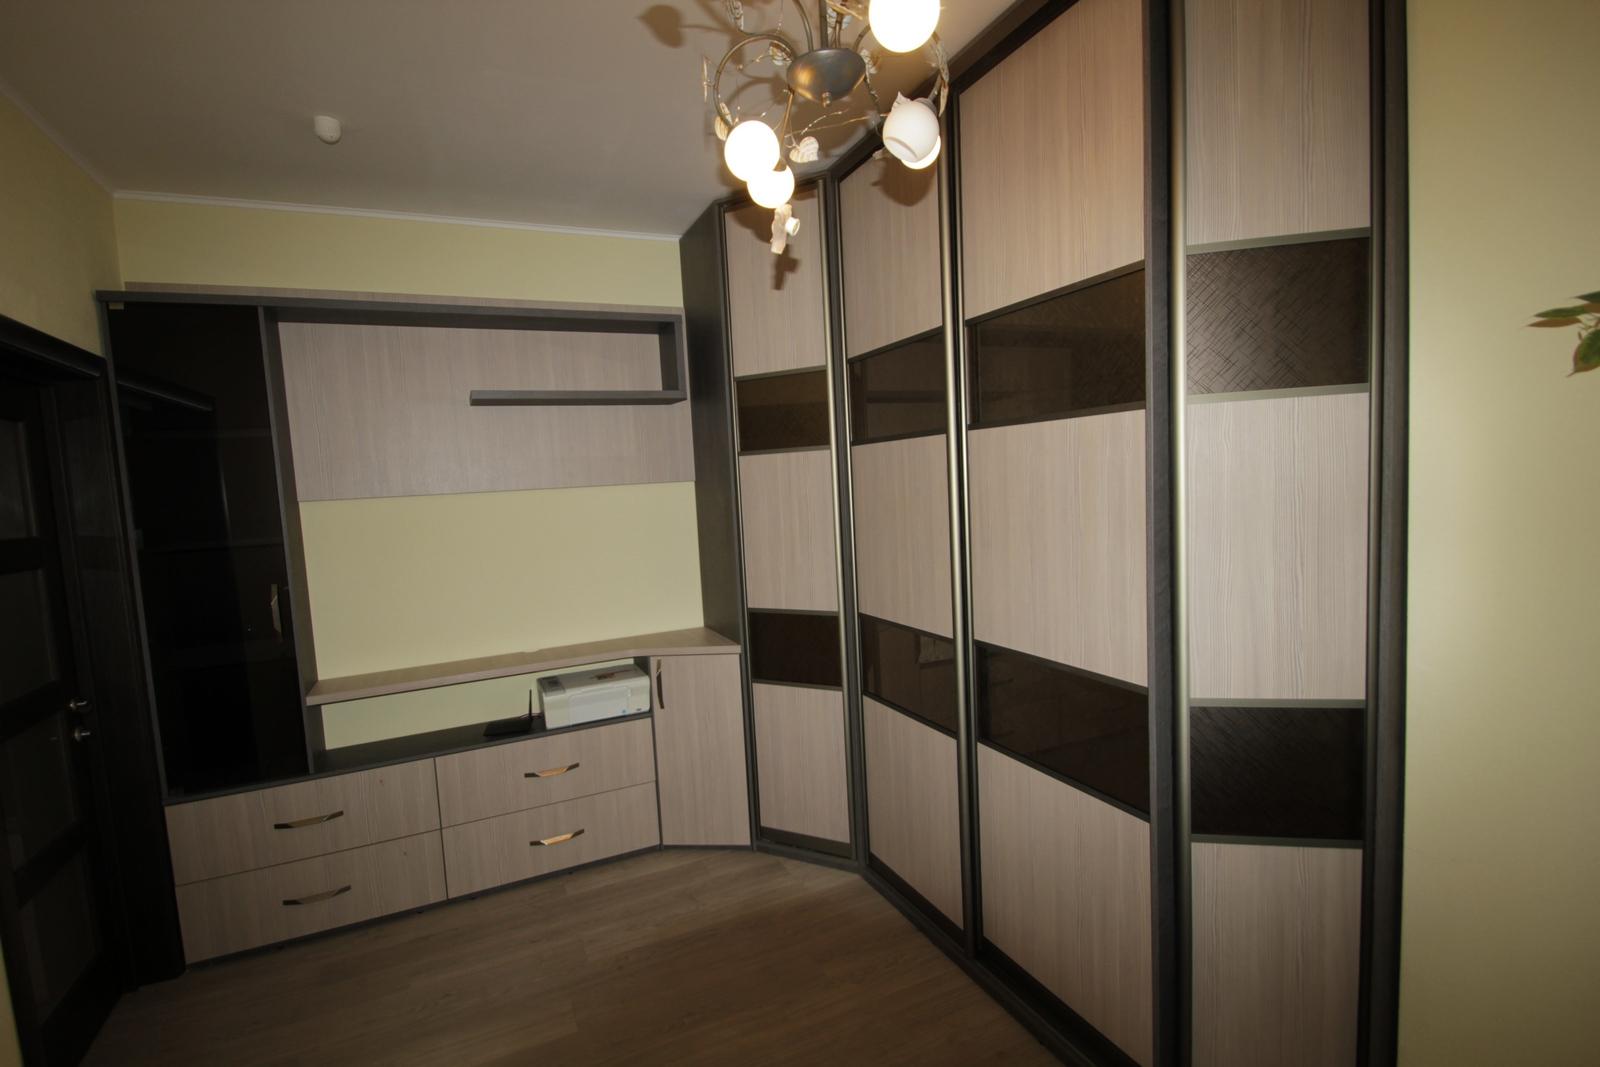 Корпусная мебель для всей квартиры, дома, офиса, салона, магазина